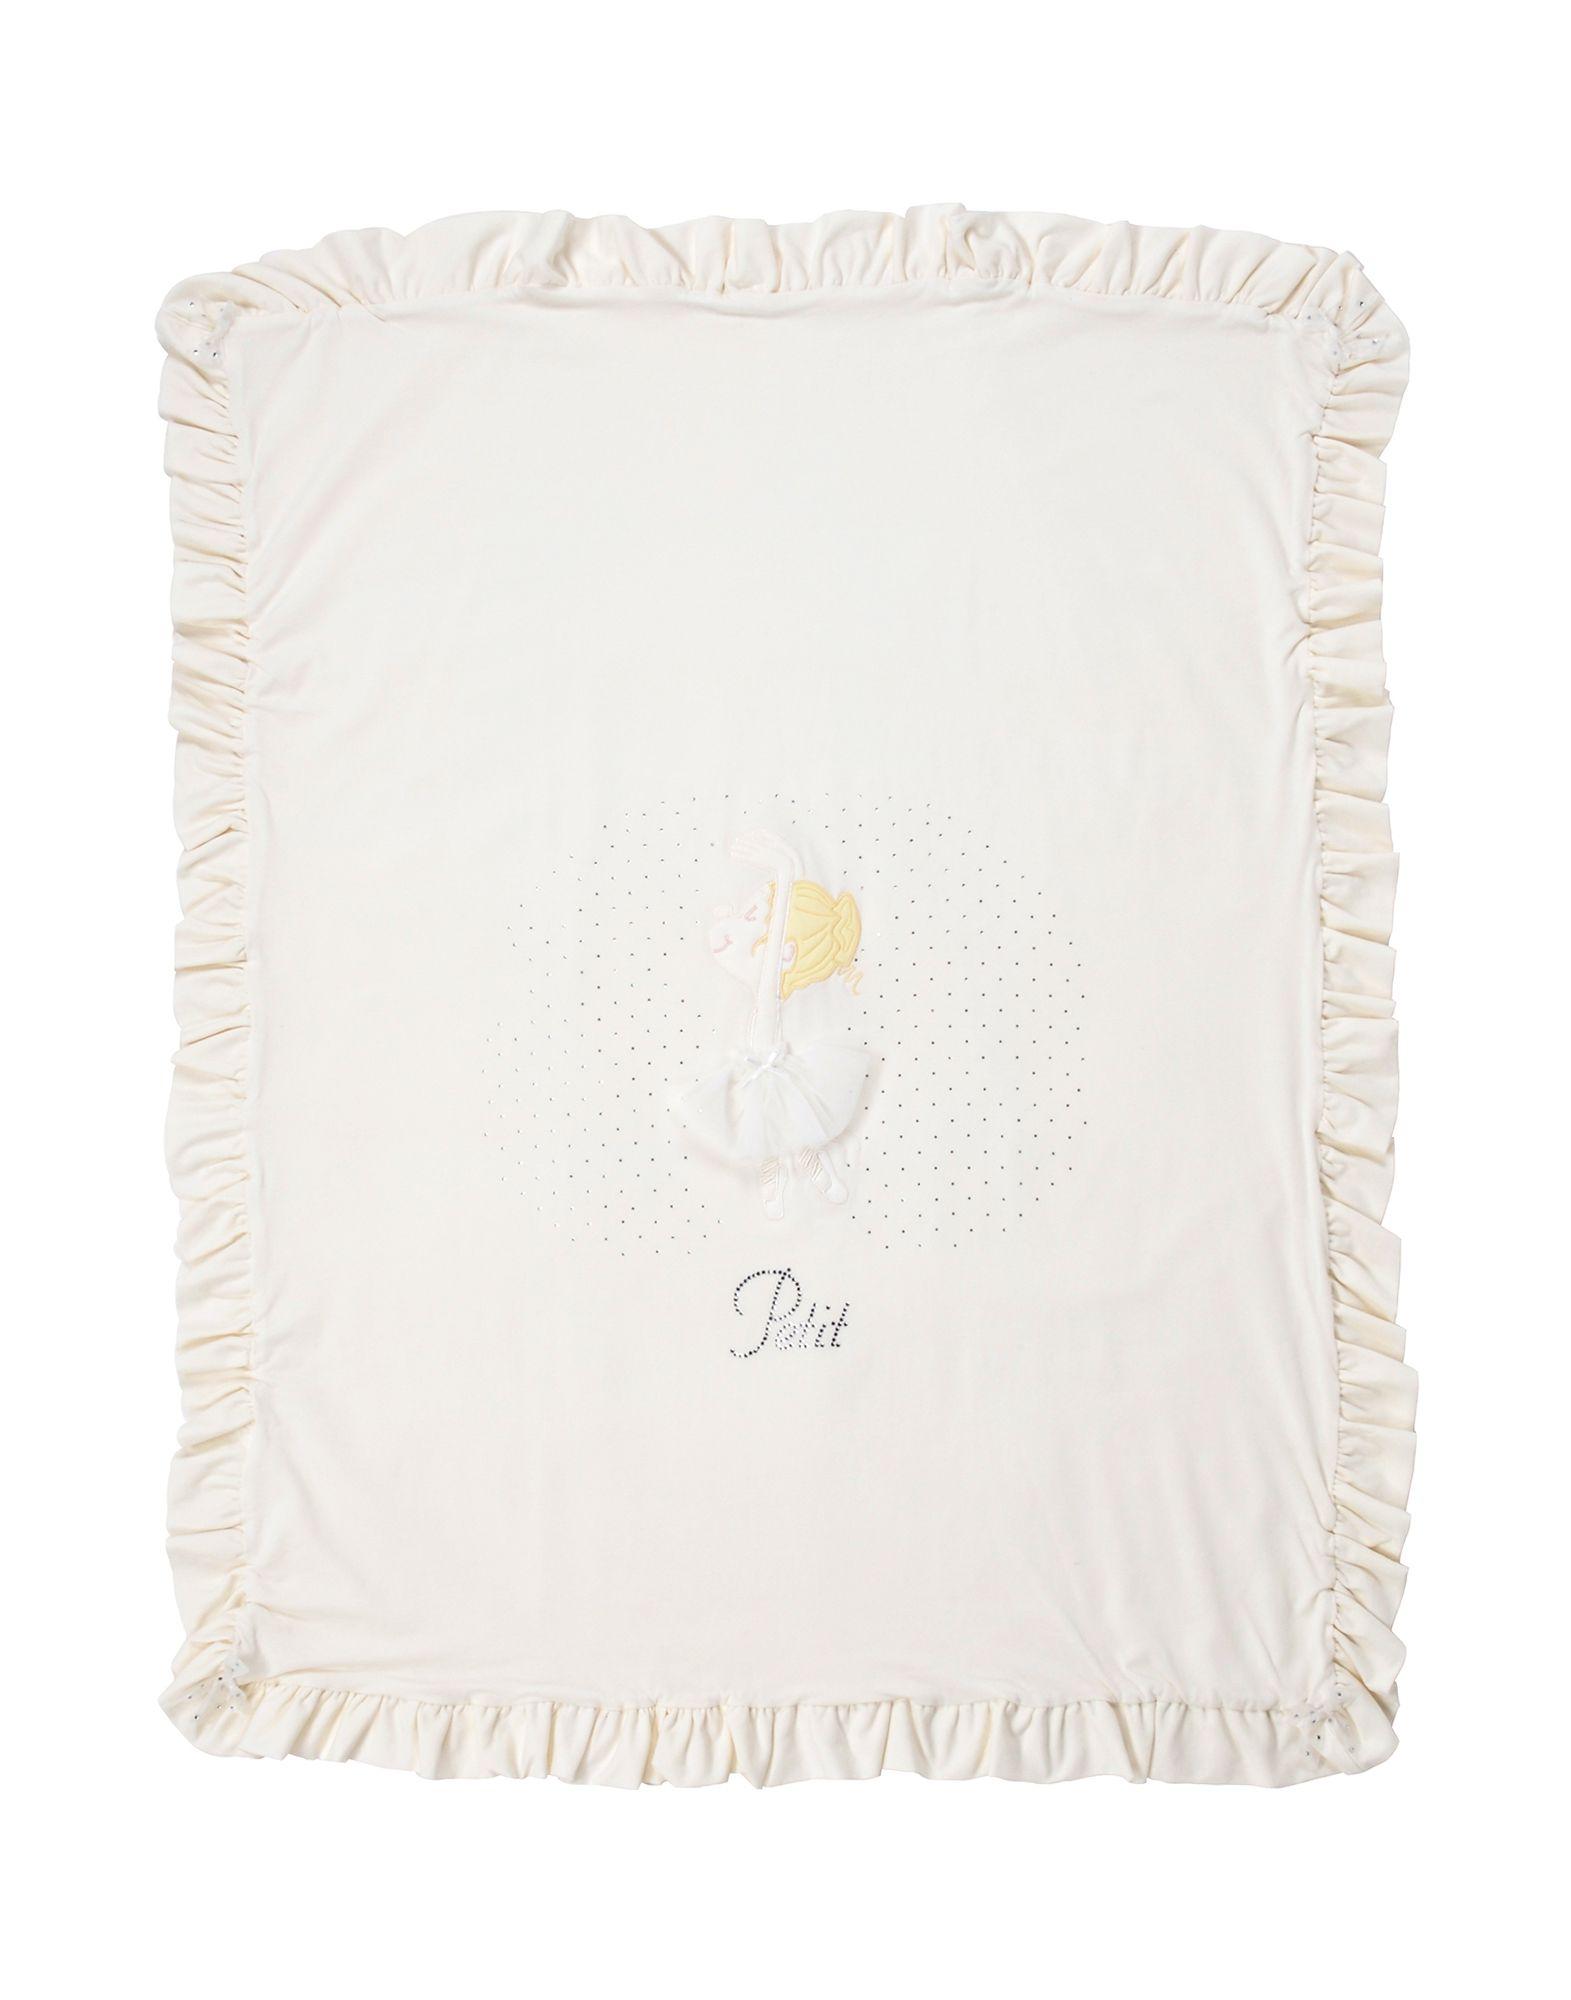 PETIT Одеяльце для младенцев